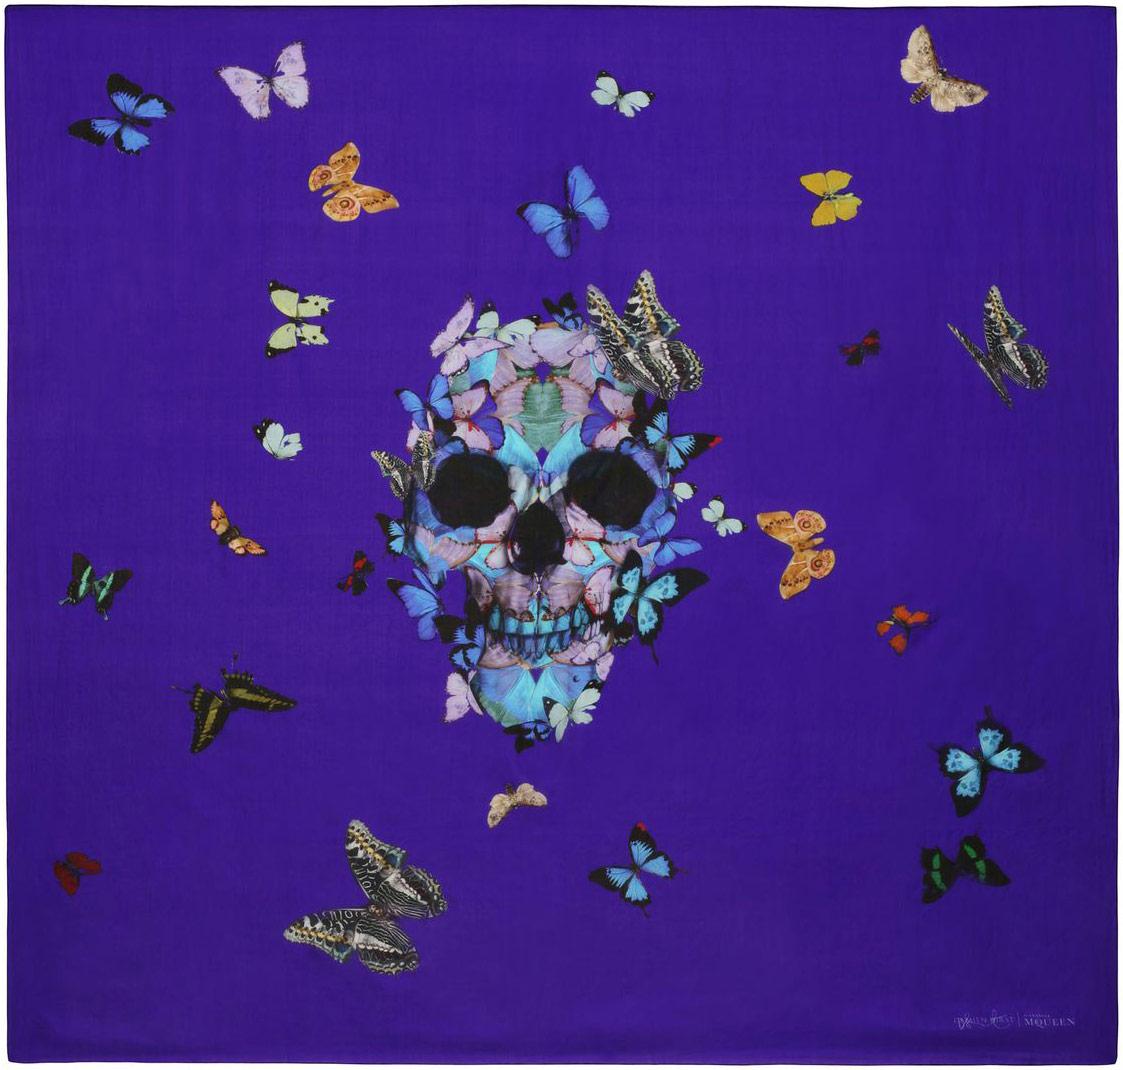 damien-hirst-alexander-mcqueen-unveil-skull-scarf-series-designboom-30